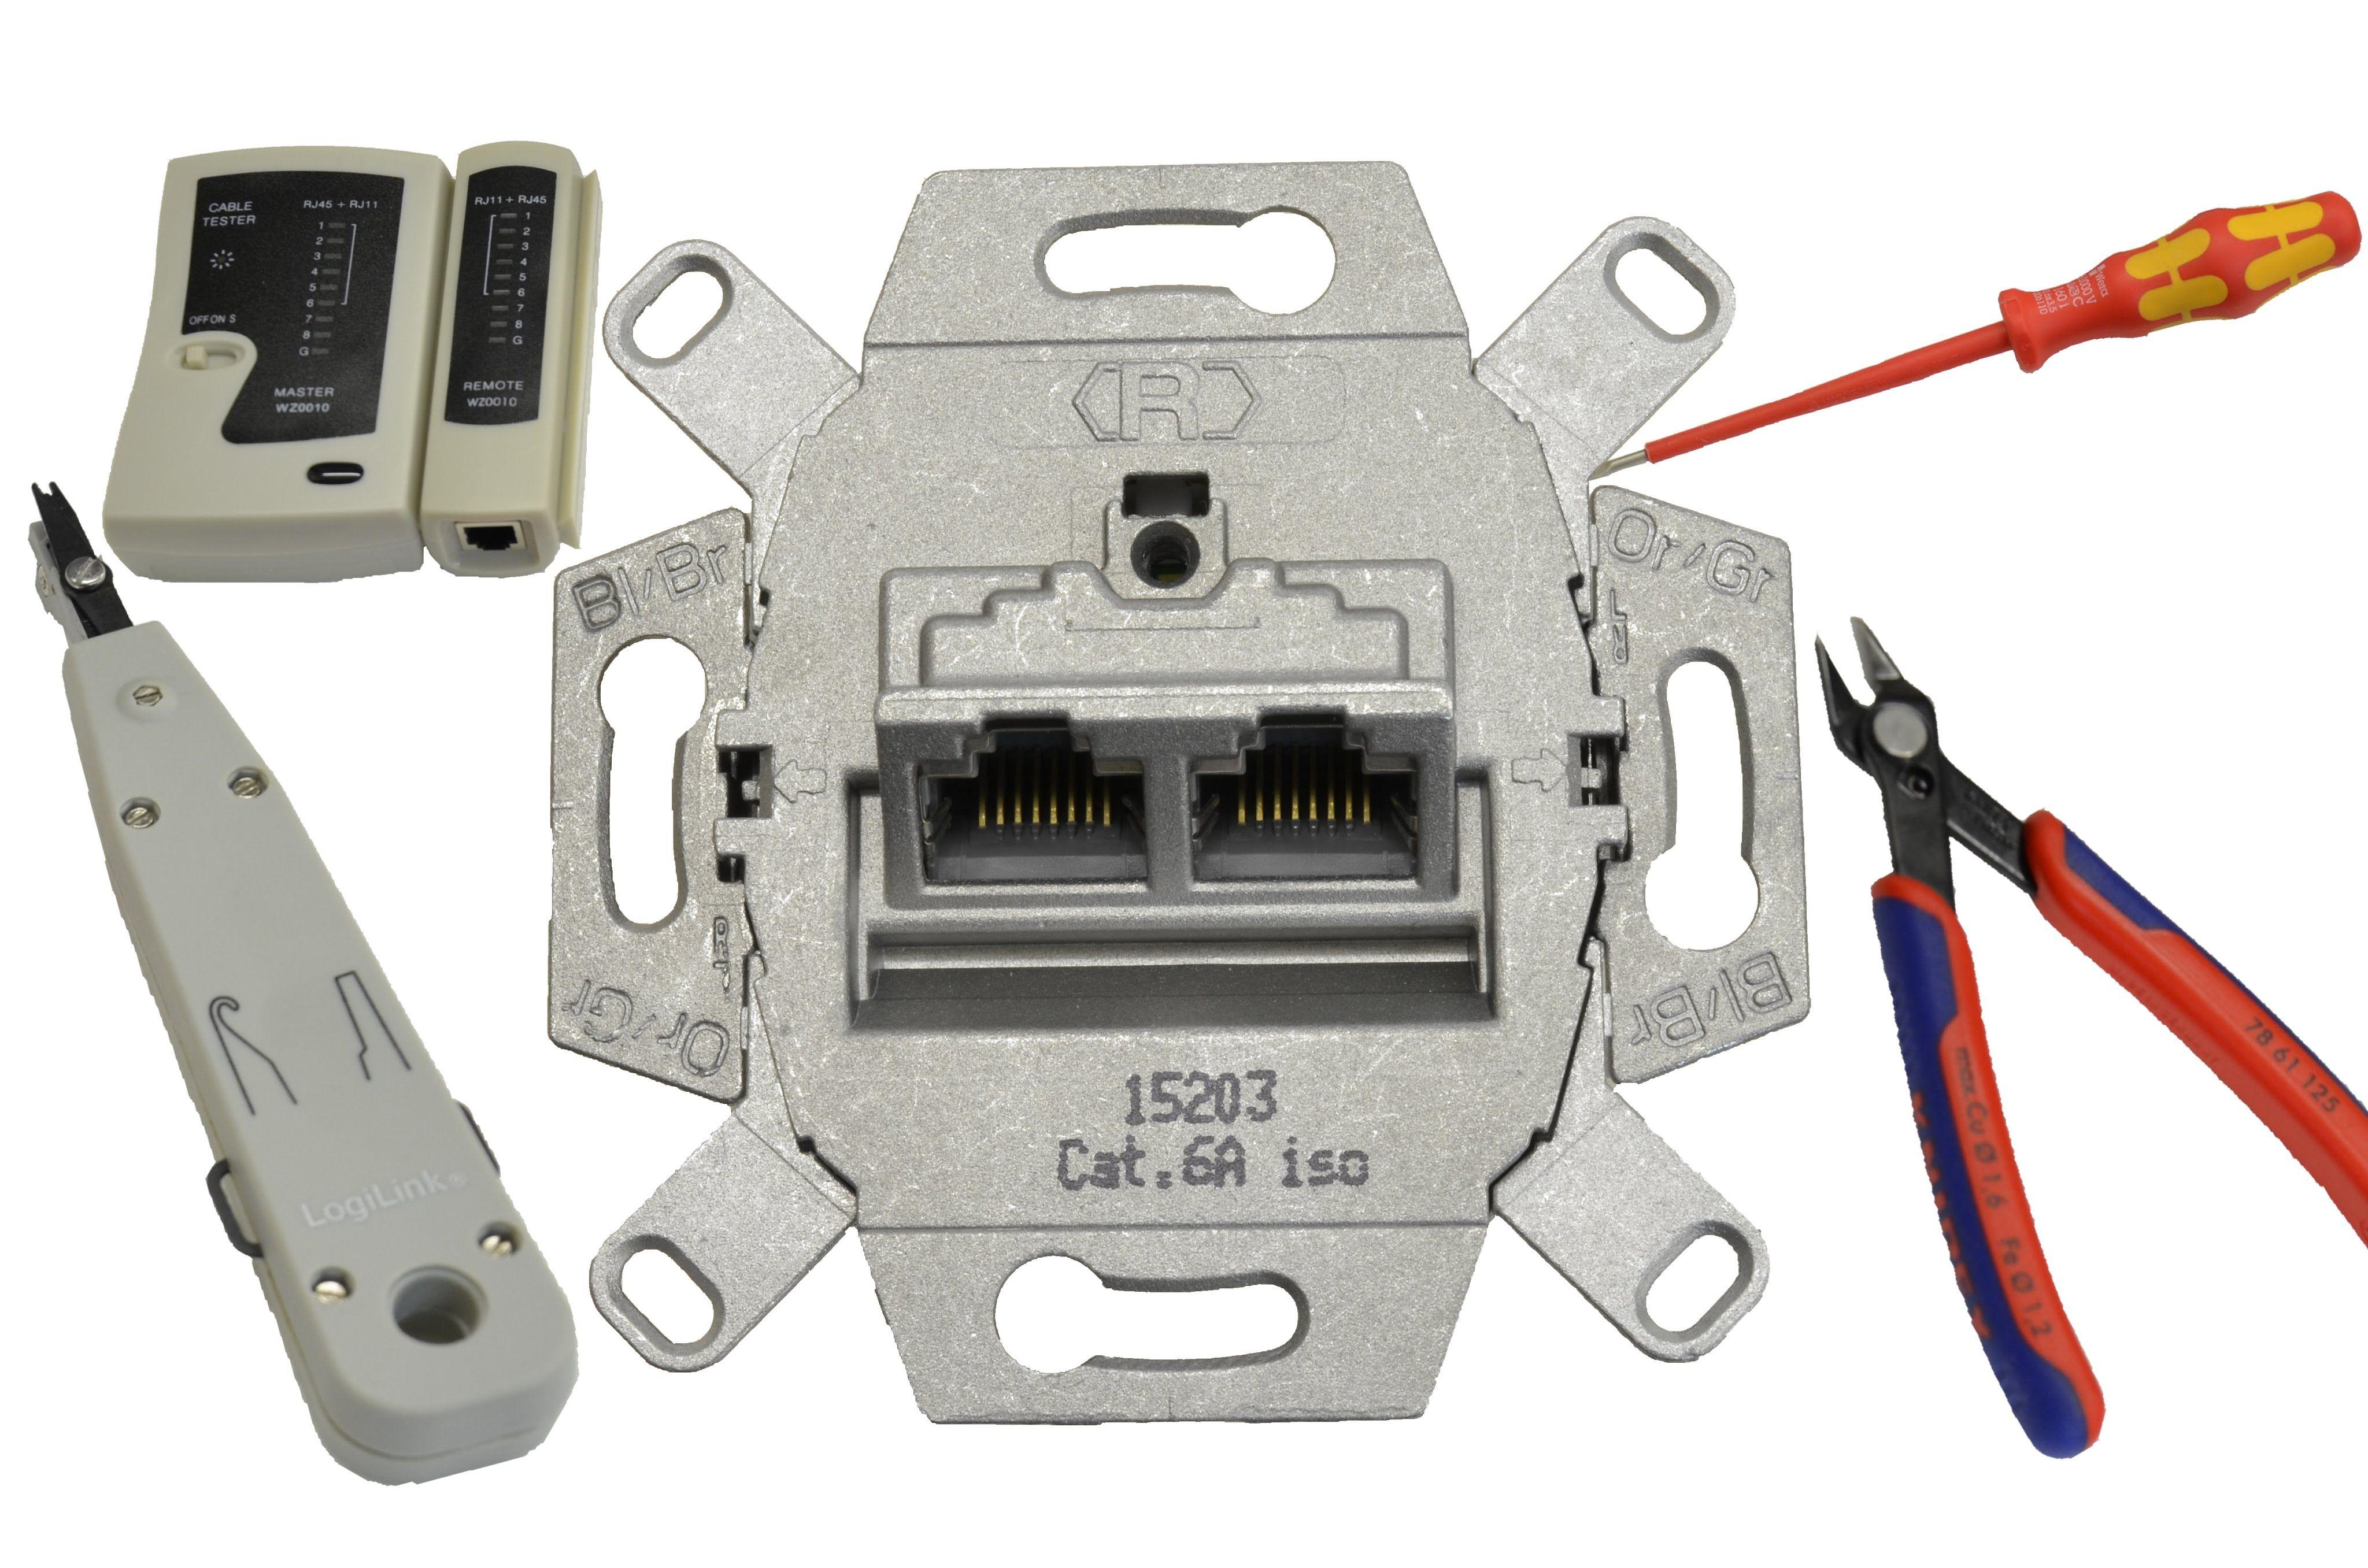 Netzwerkdose (UAE-Dose) anschließen /patchen - RJ45 - LAN-Dose ...